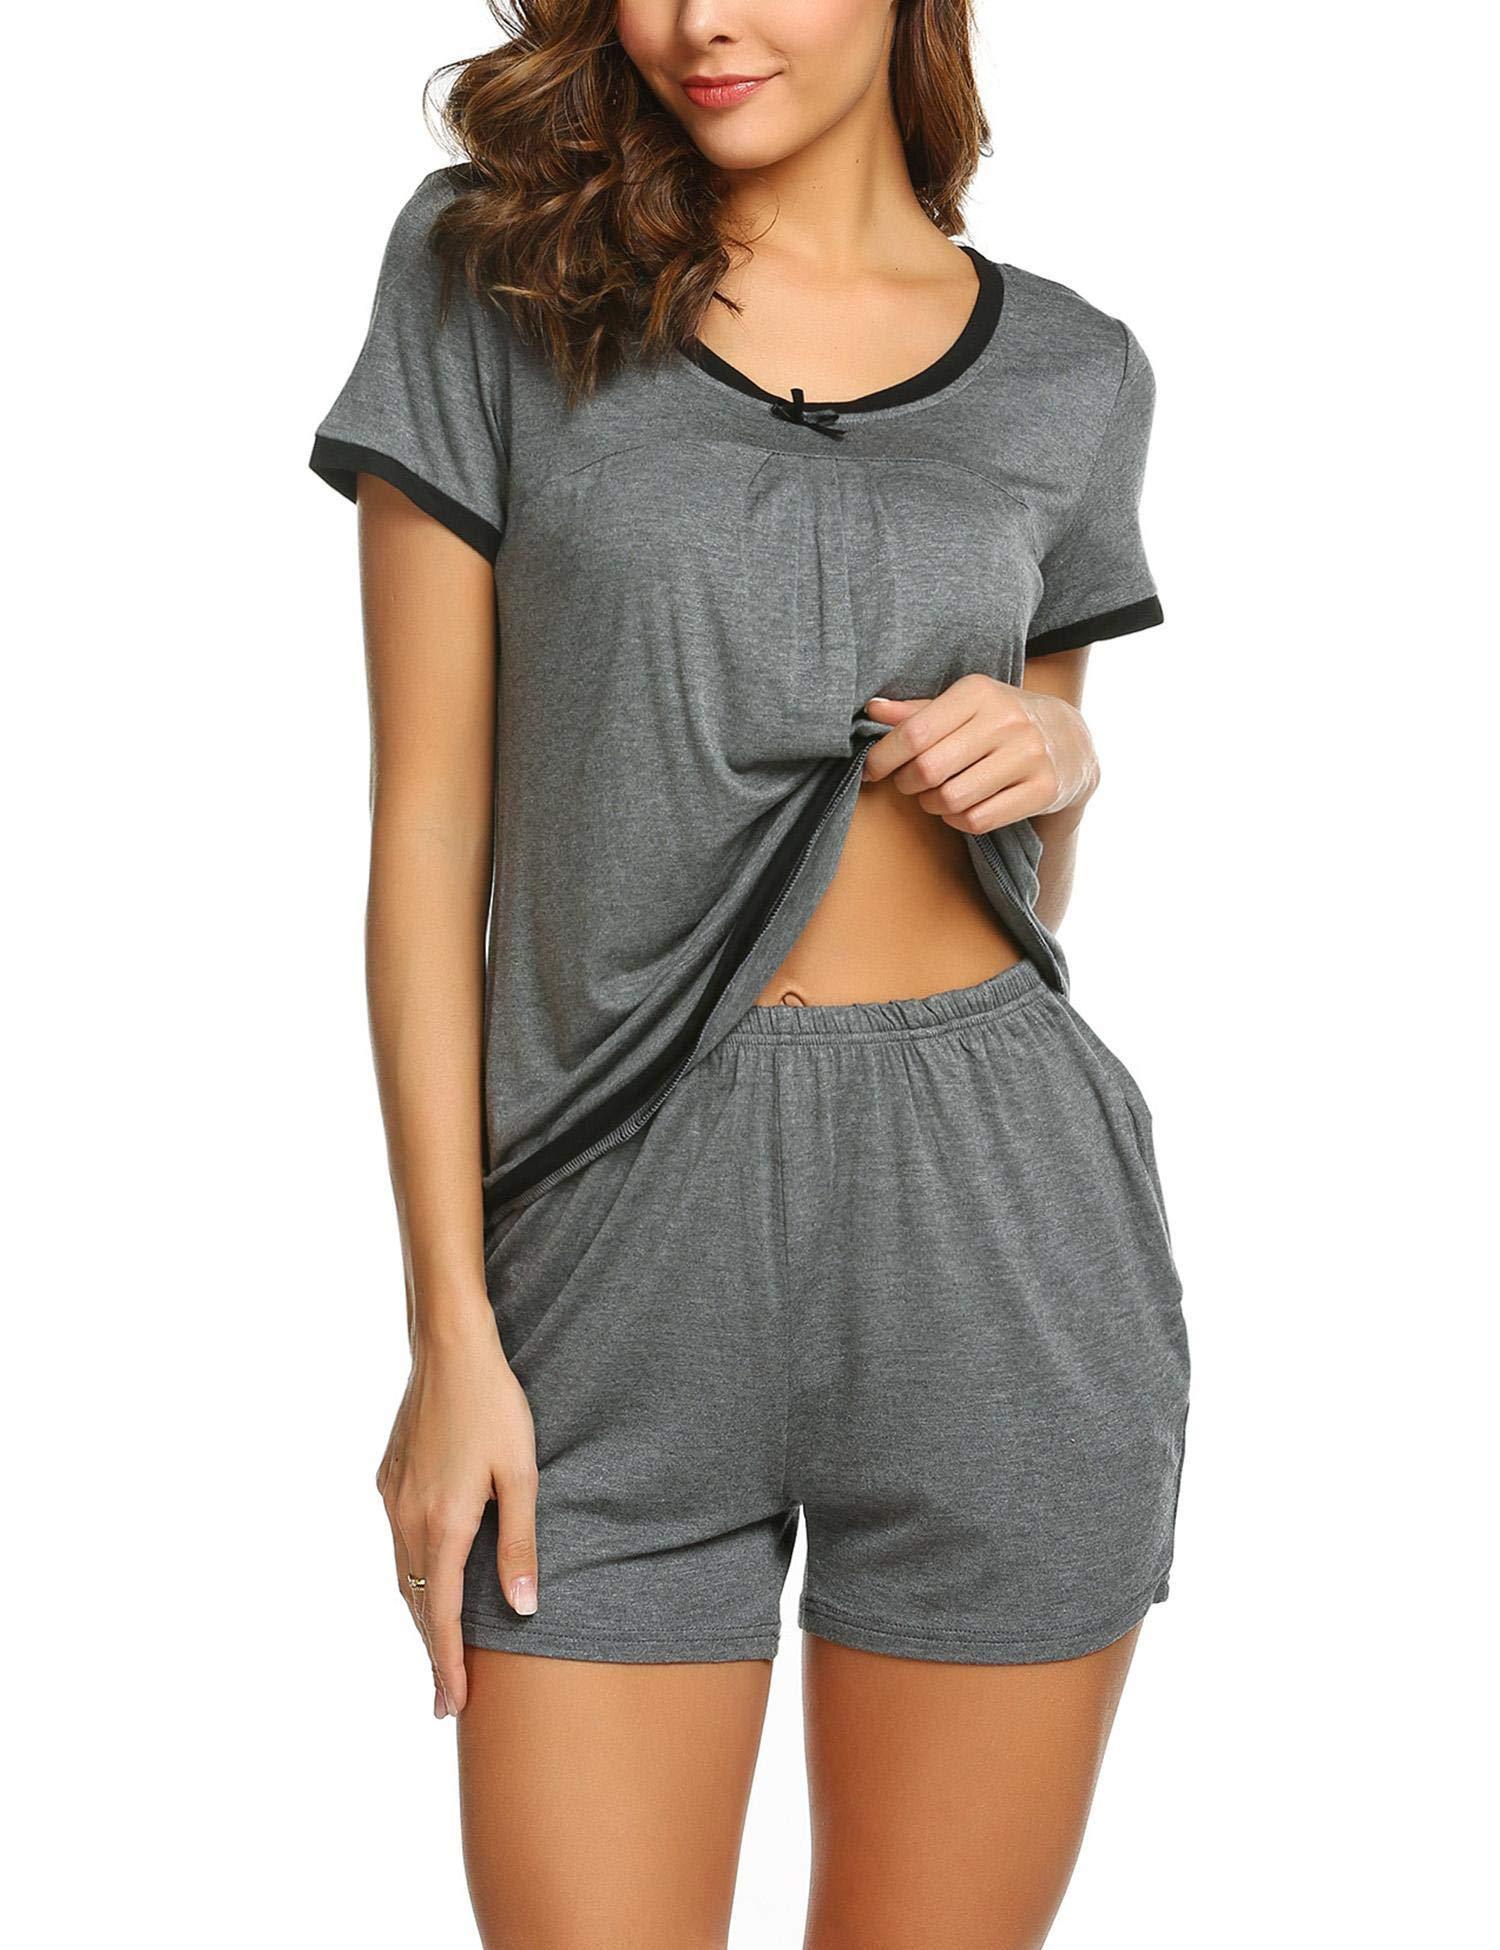 Ekouaer Women's Pajama Set Short Sleeve Sleepwear Pjs Sets Nightwear Sets S-XXL